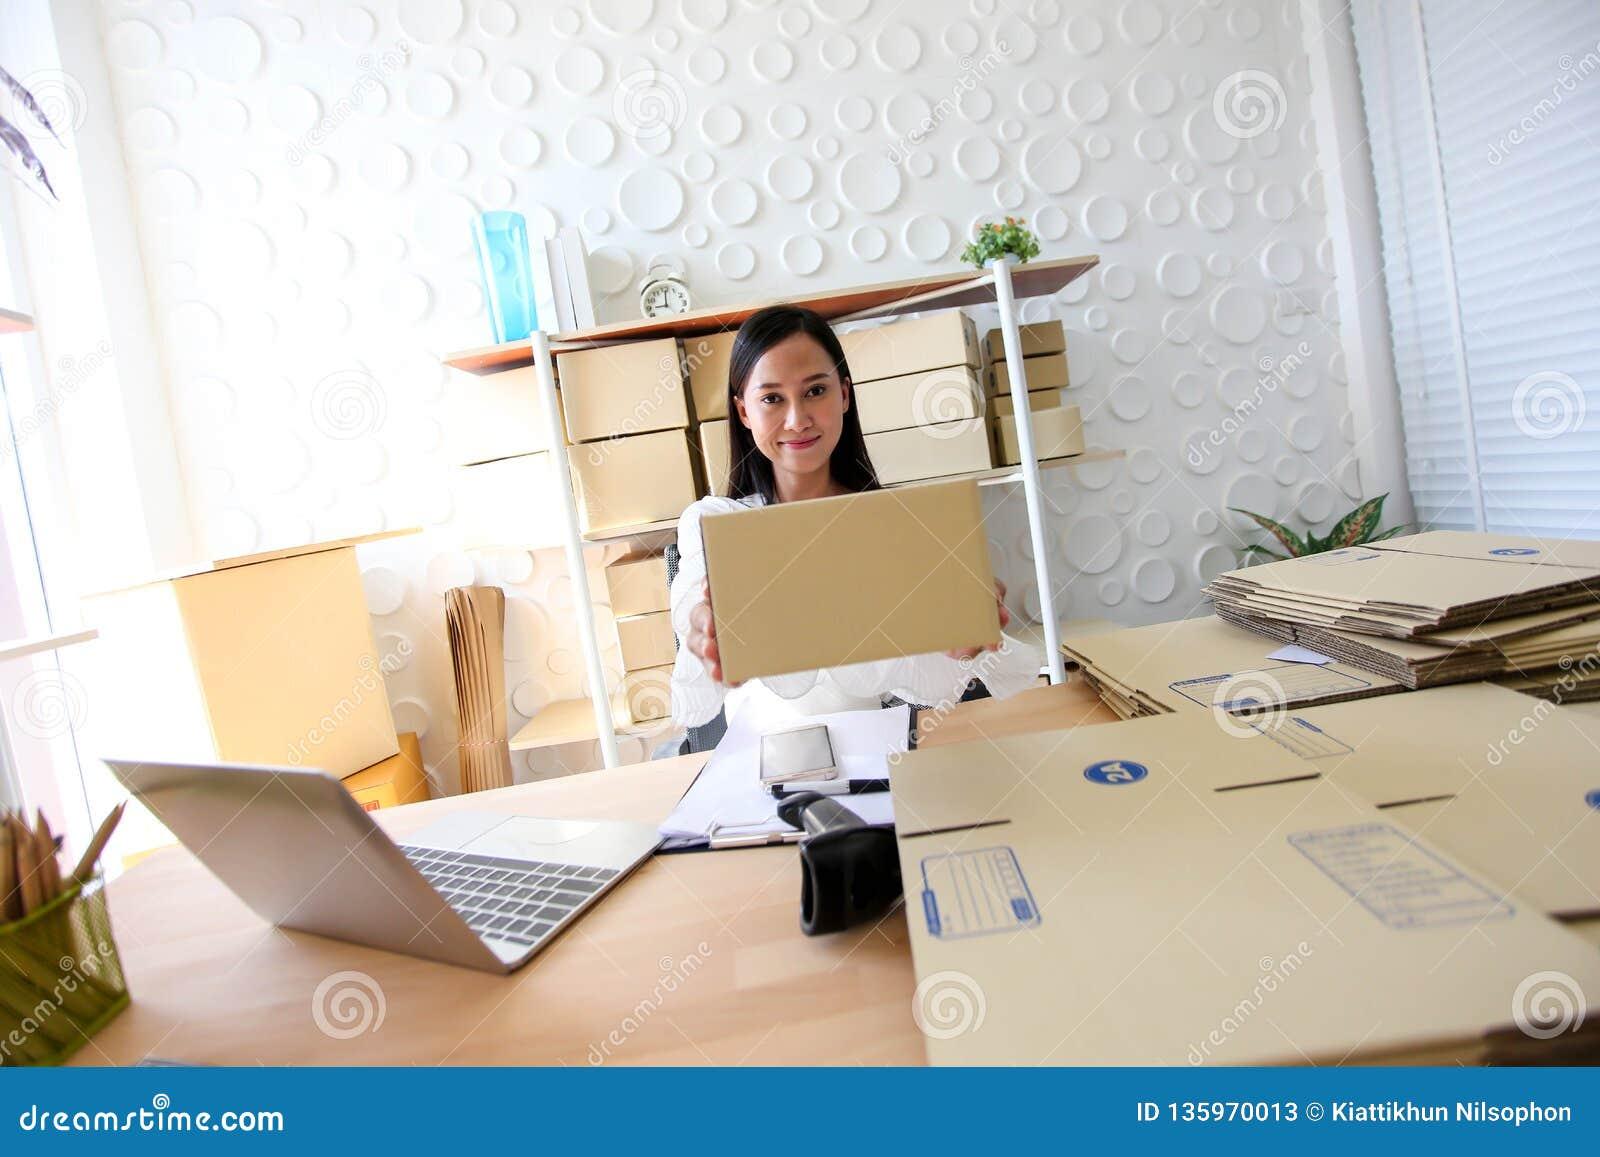 La muchacha asiática joven es comienzo del freelancer encima de la pequeña dirección de la escritura del propietario de negocio e